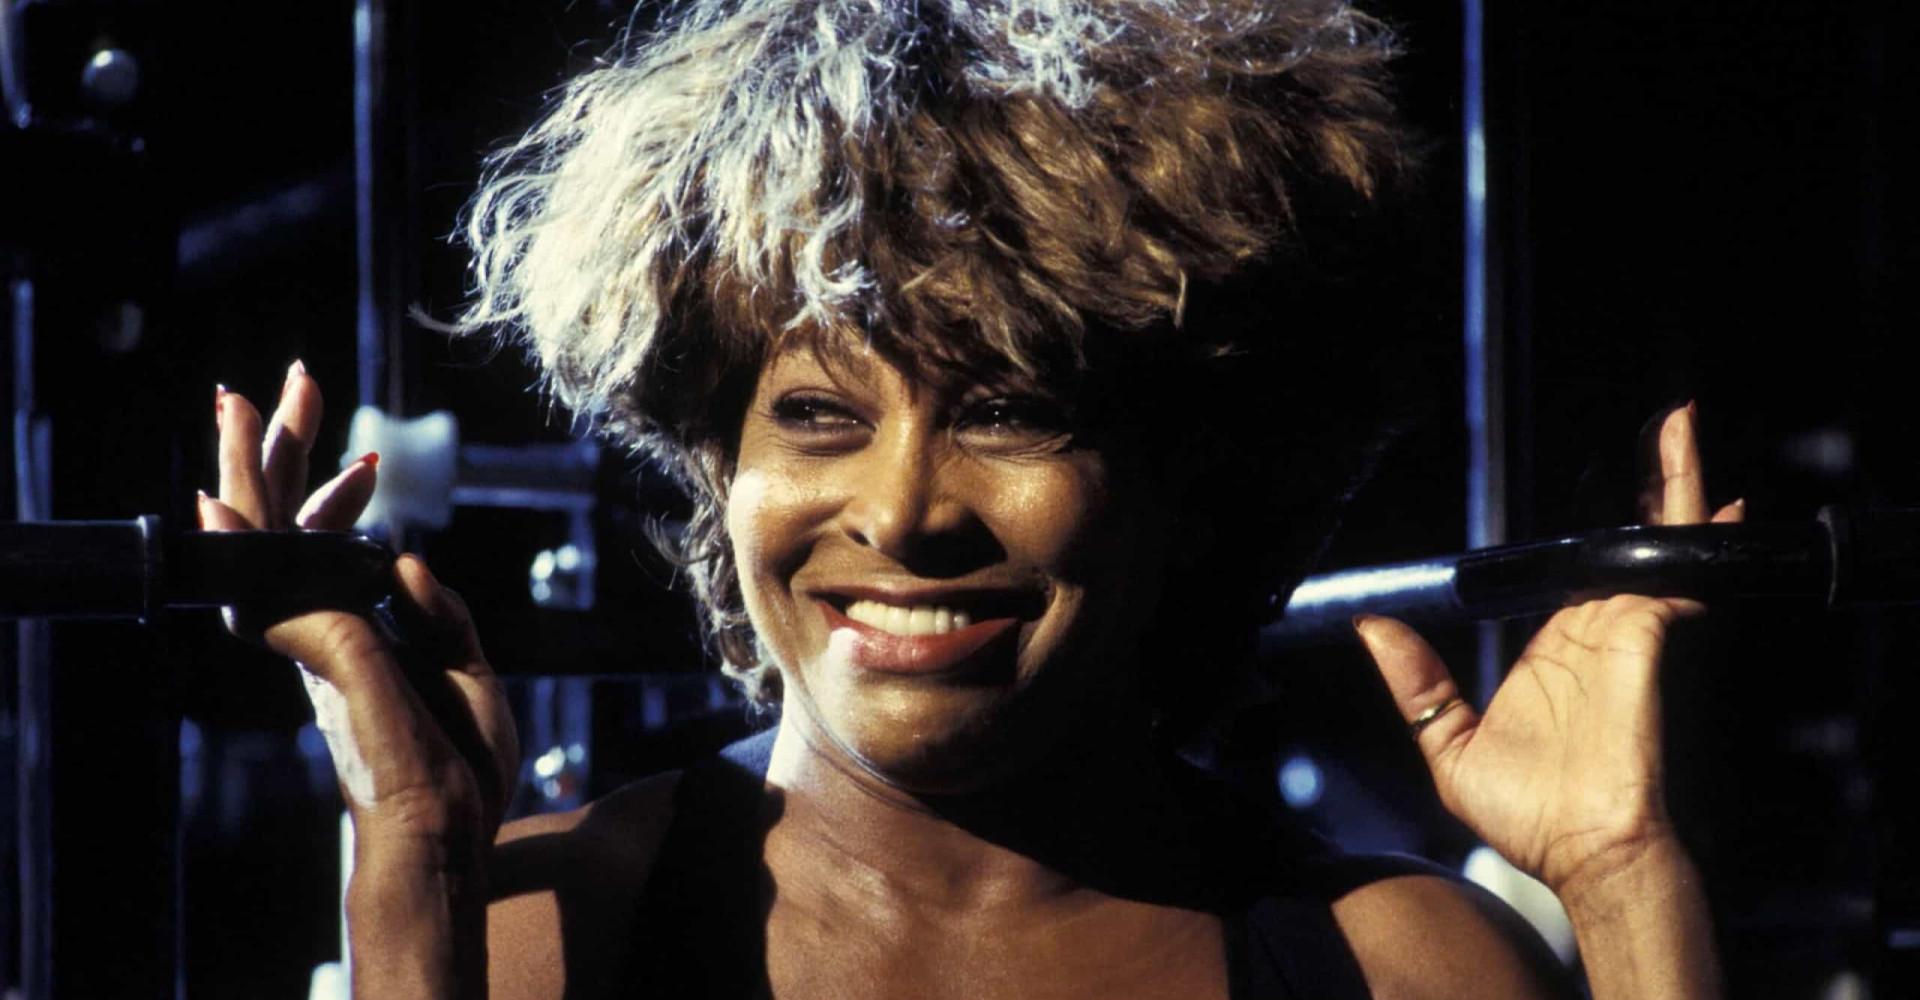 Die Wahrheit: Darum hatte Tina Turner ein Jahr lang keinen Geschlechtsverkehr